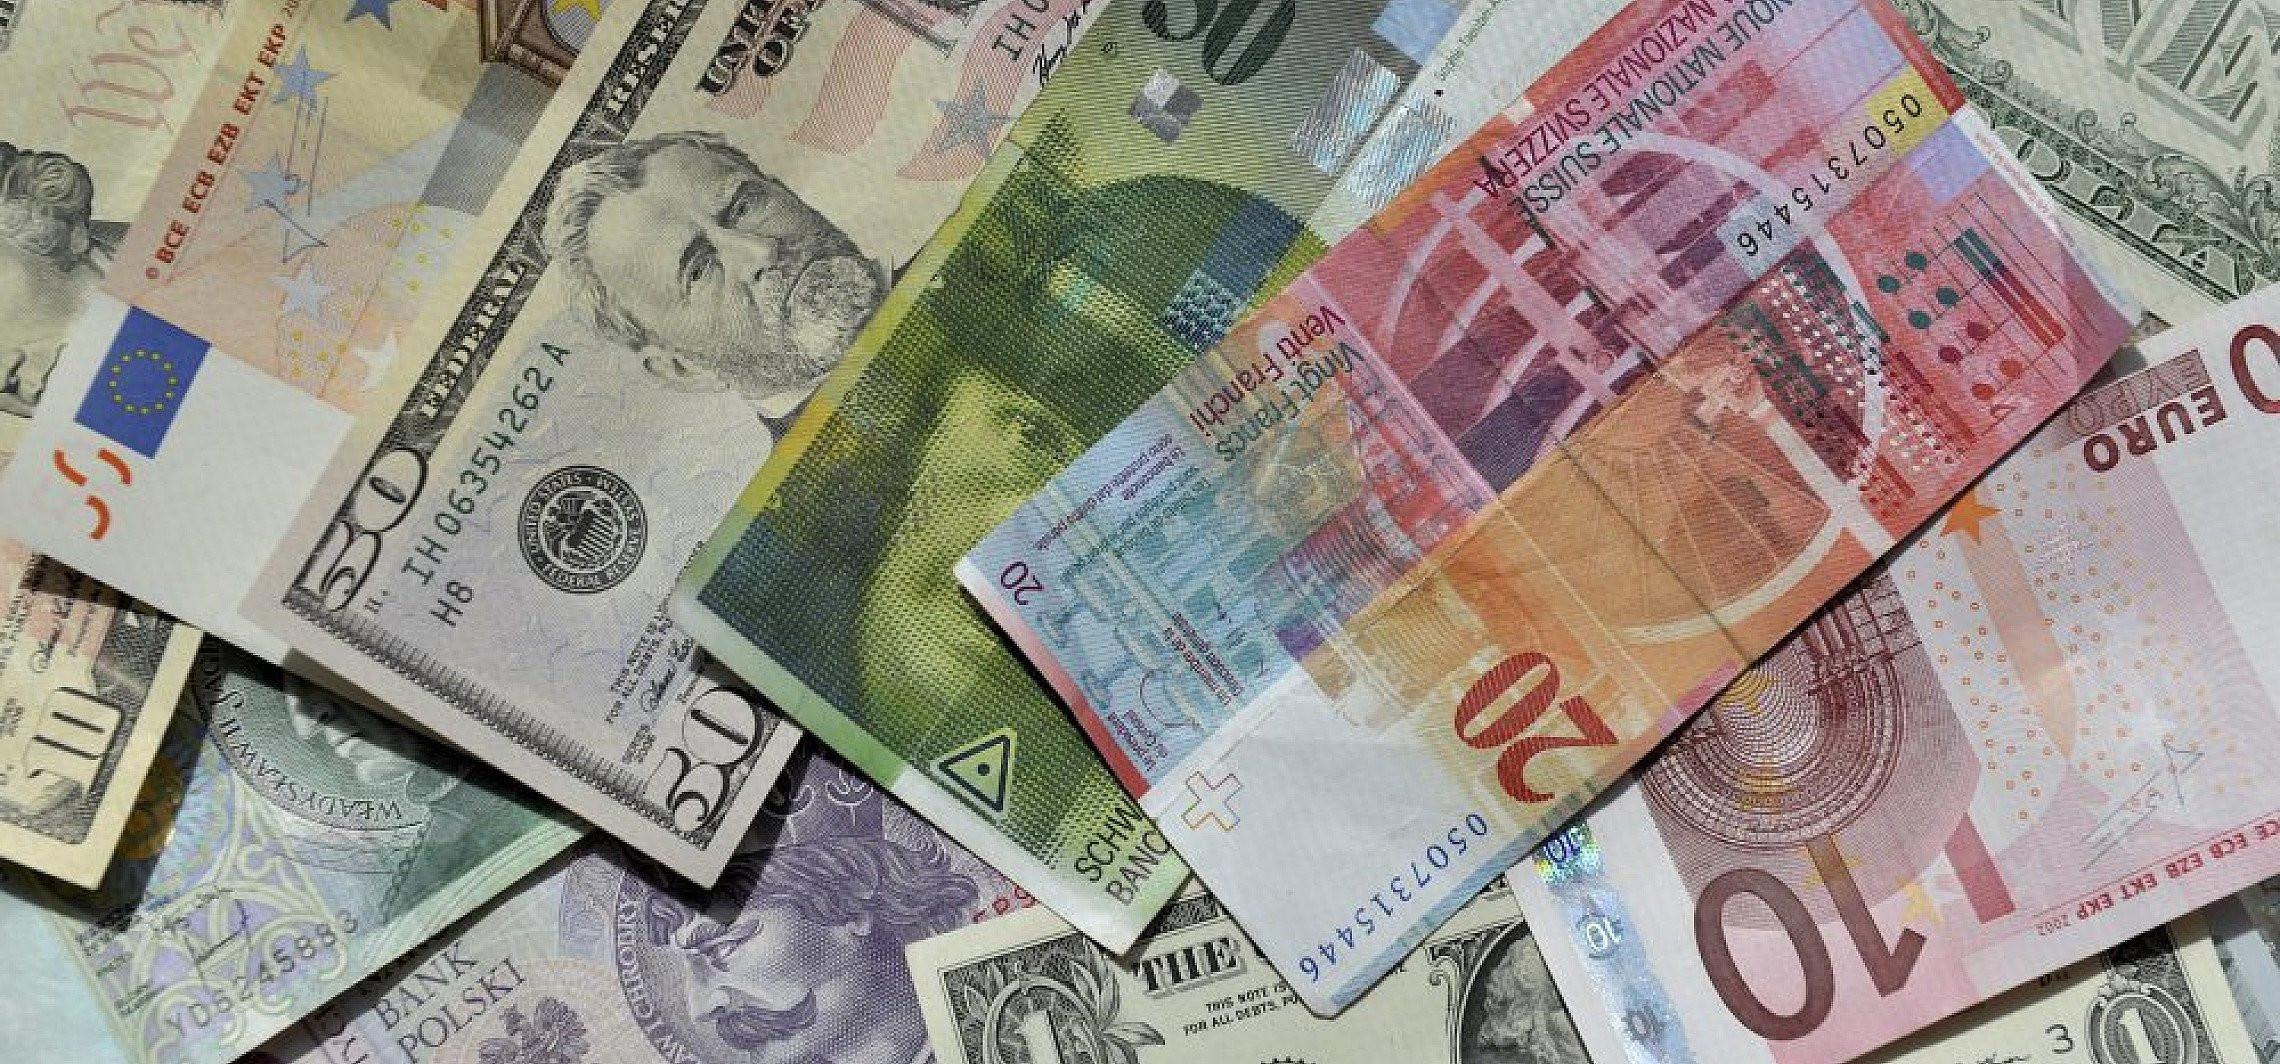 Badanie: niskie ryzyko zakażenia wskutek używania banknotów